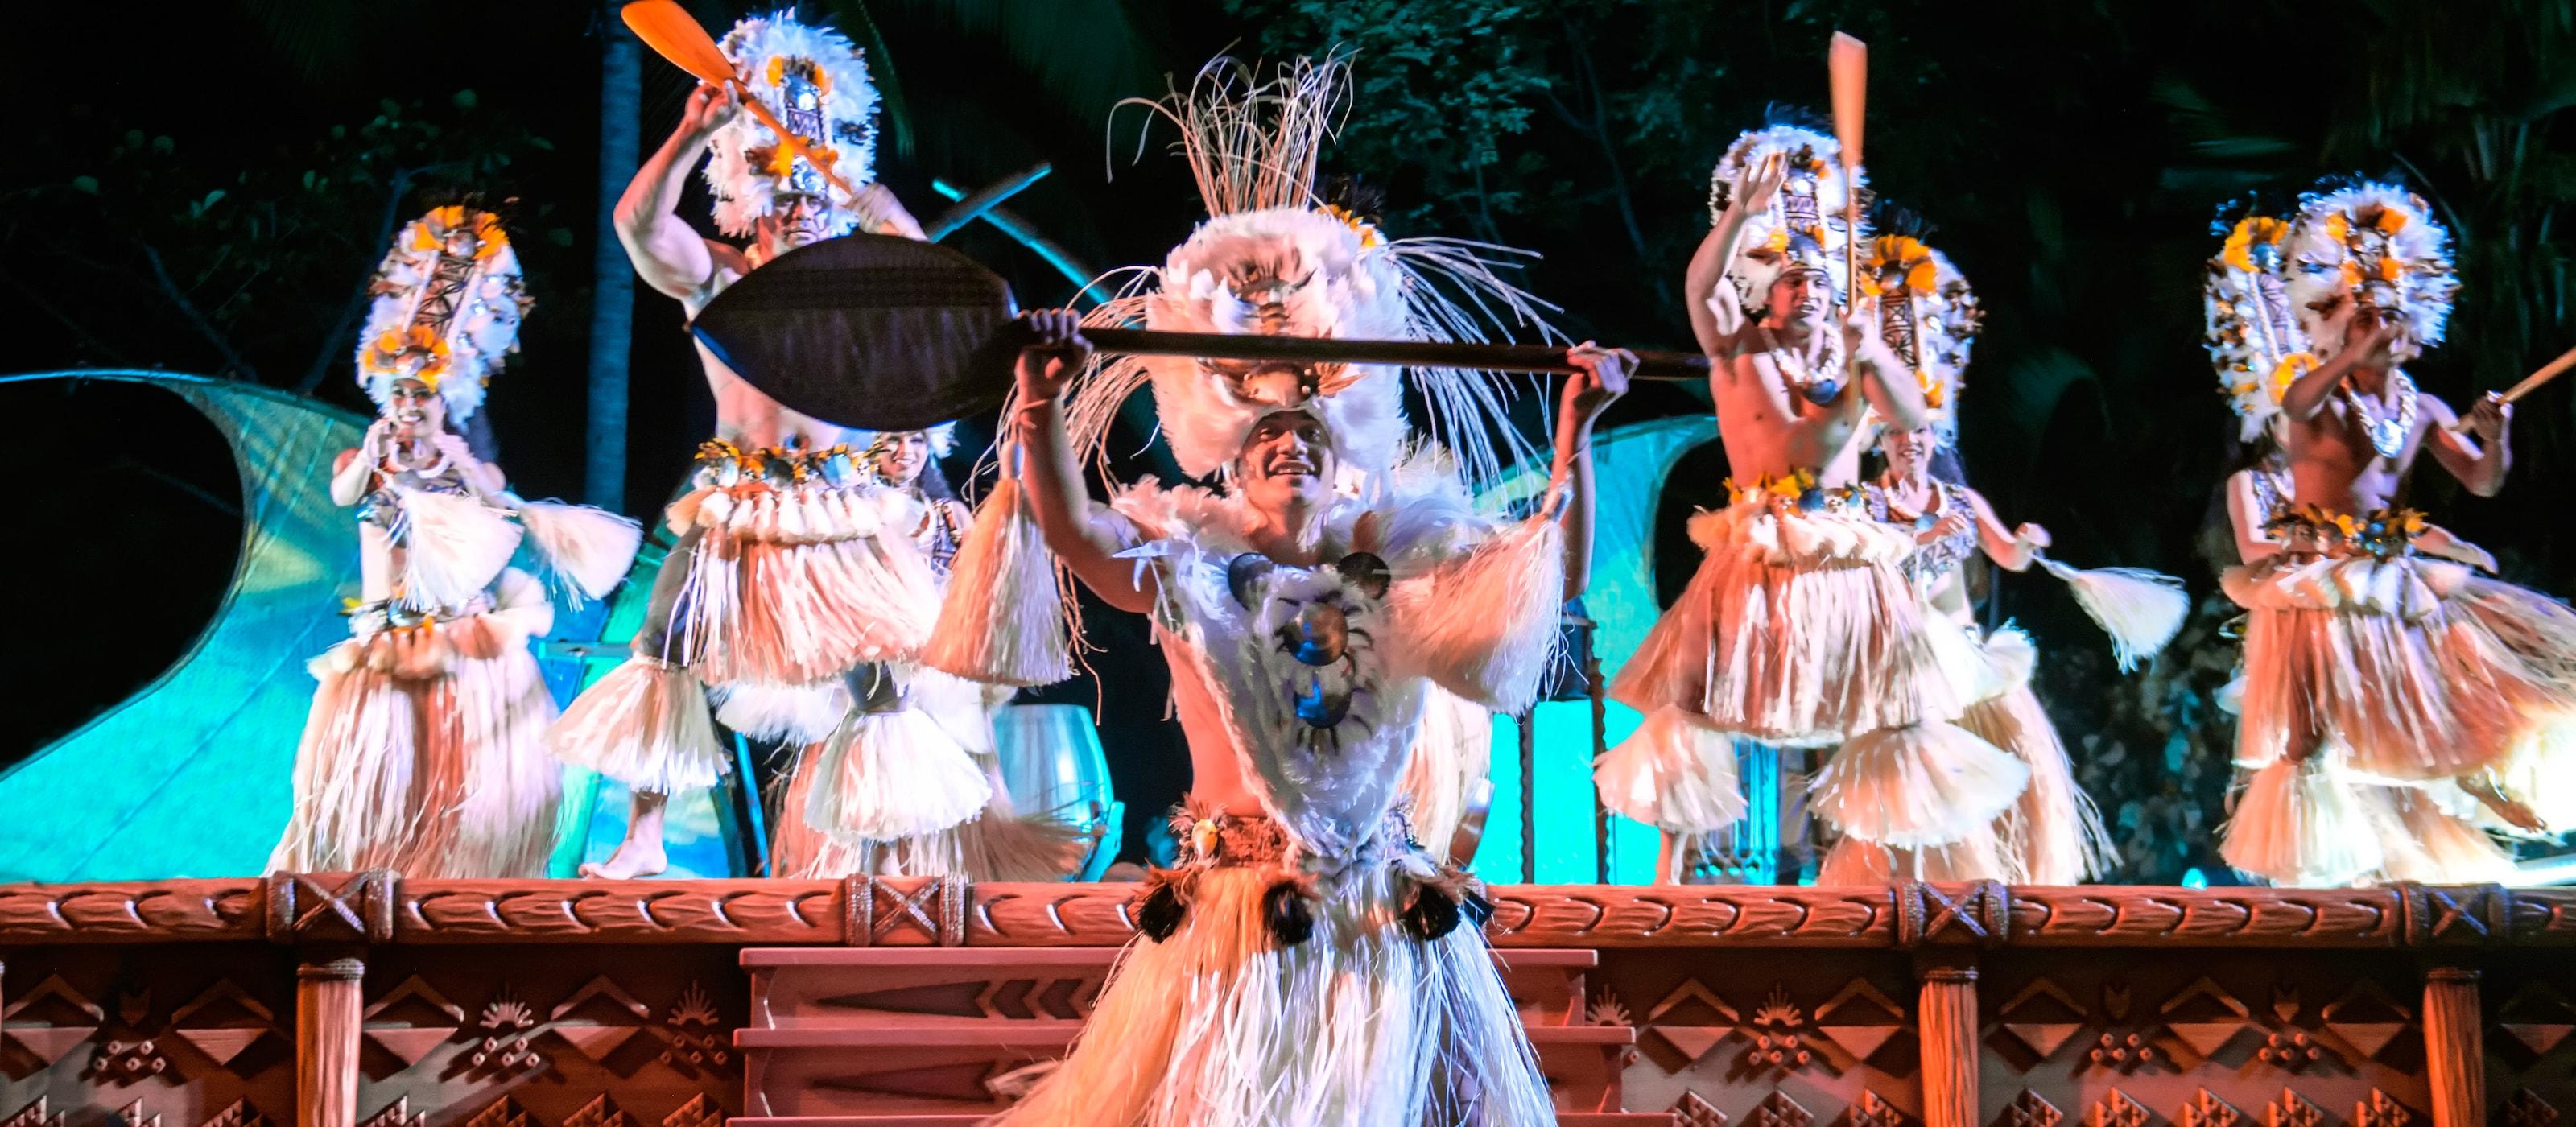 ハワイの腰みのを着け、オールを使った伝統的なダンスを踊る男性ダンサーたち。